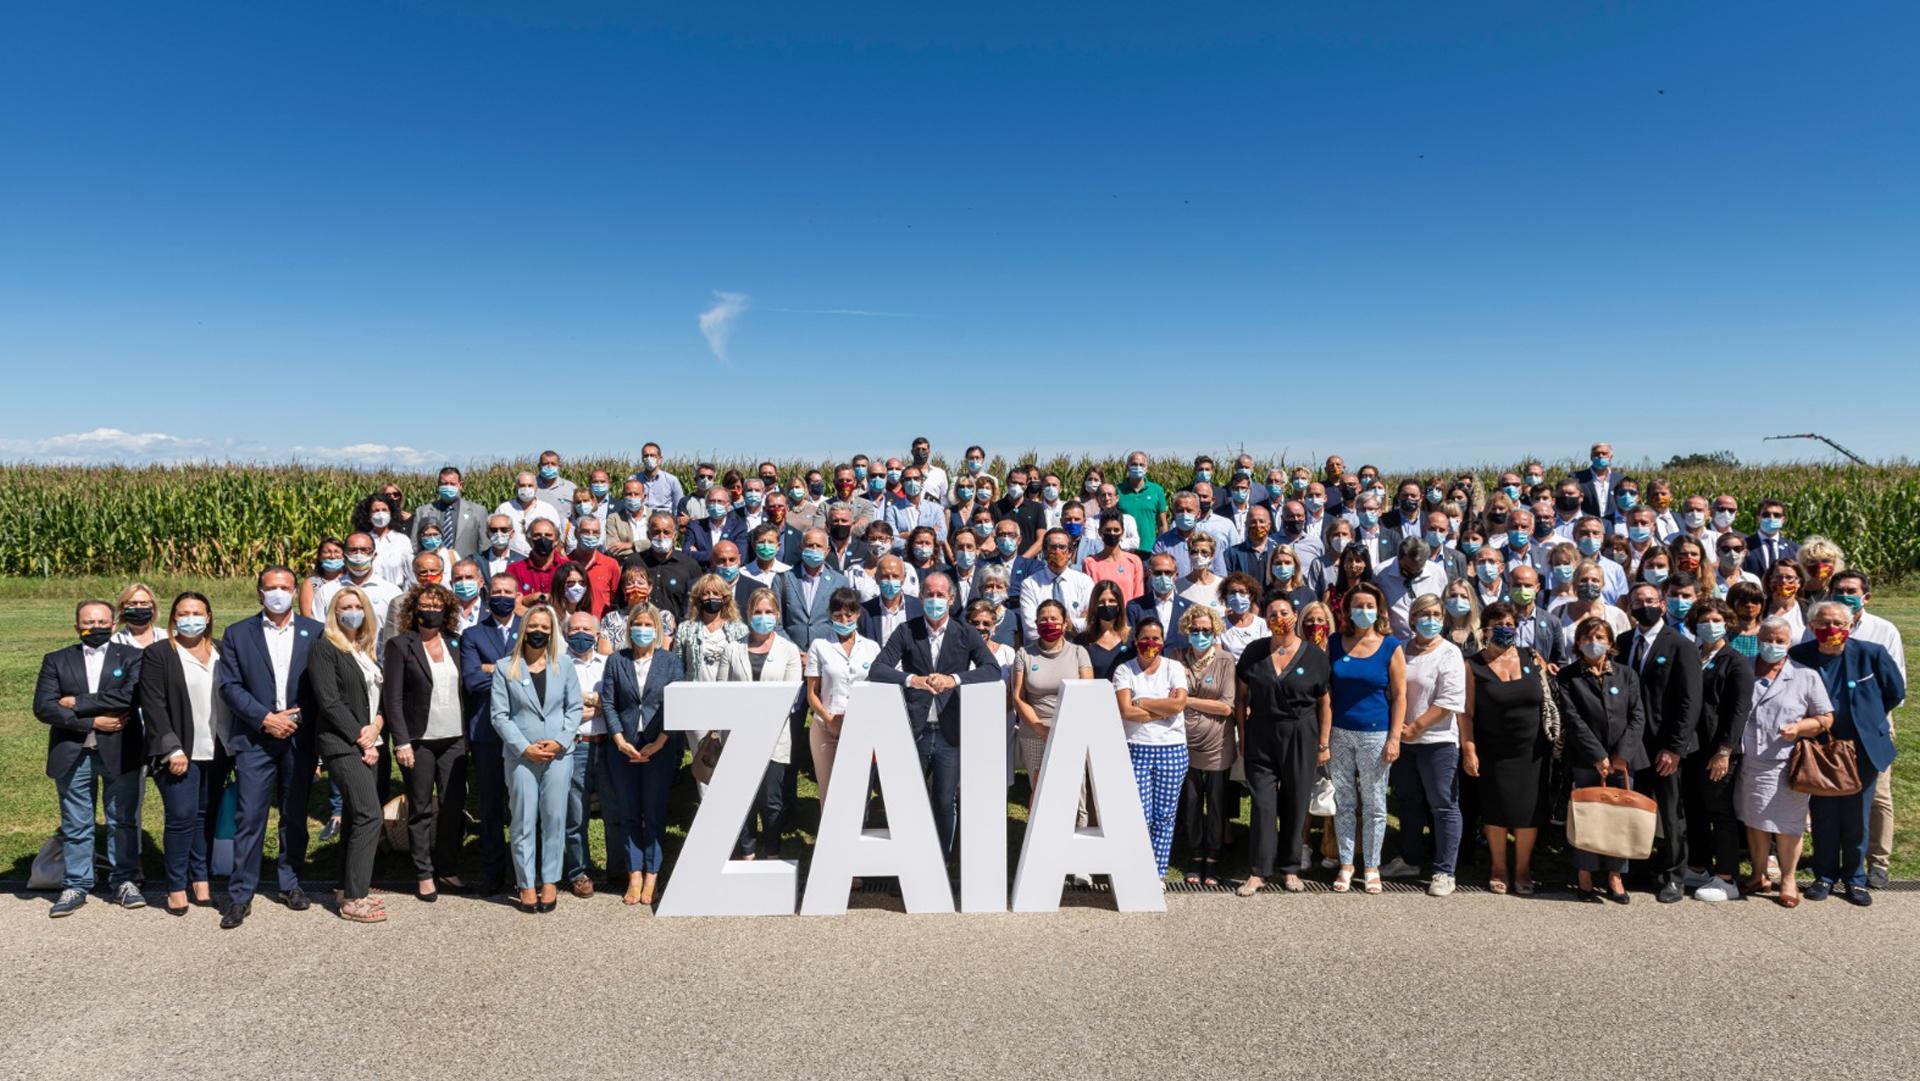 Luca Zaia e il sistema di potere in Veneto